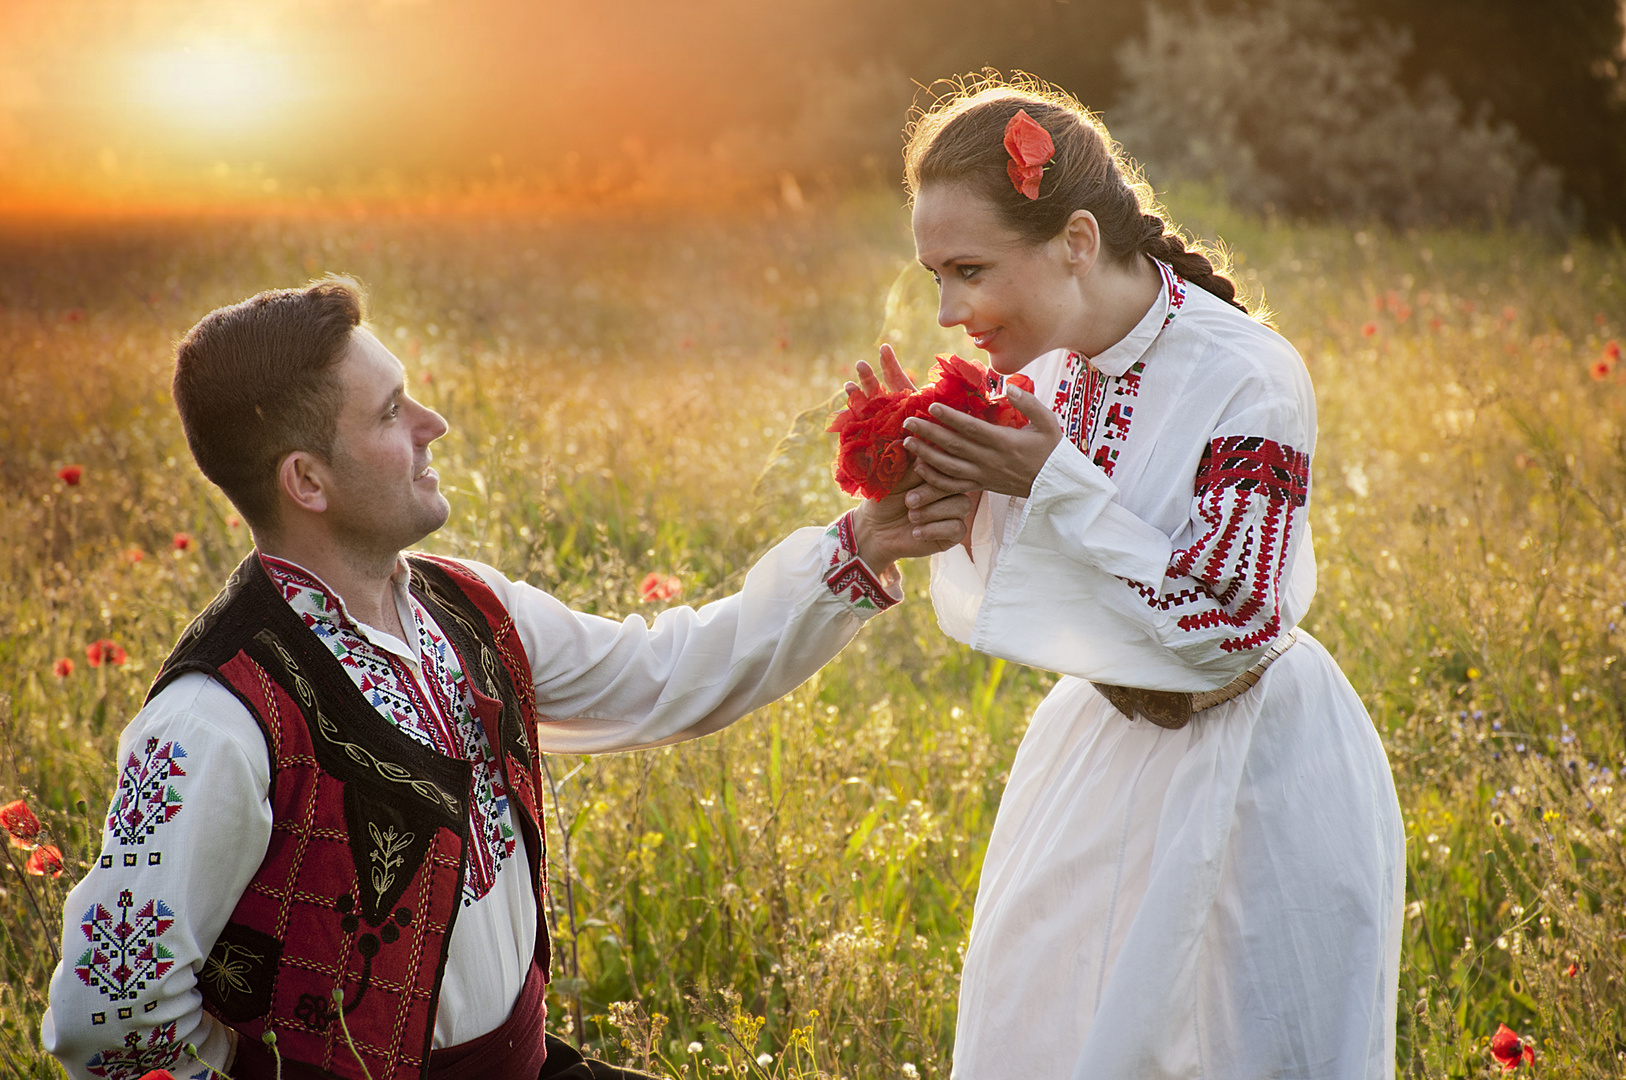 Love in poppy field